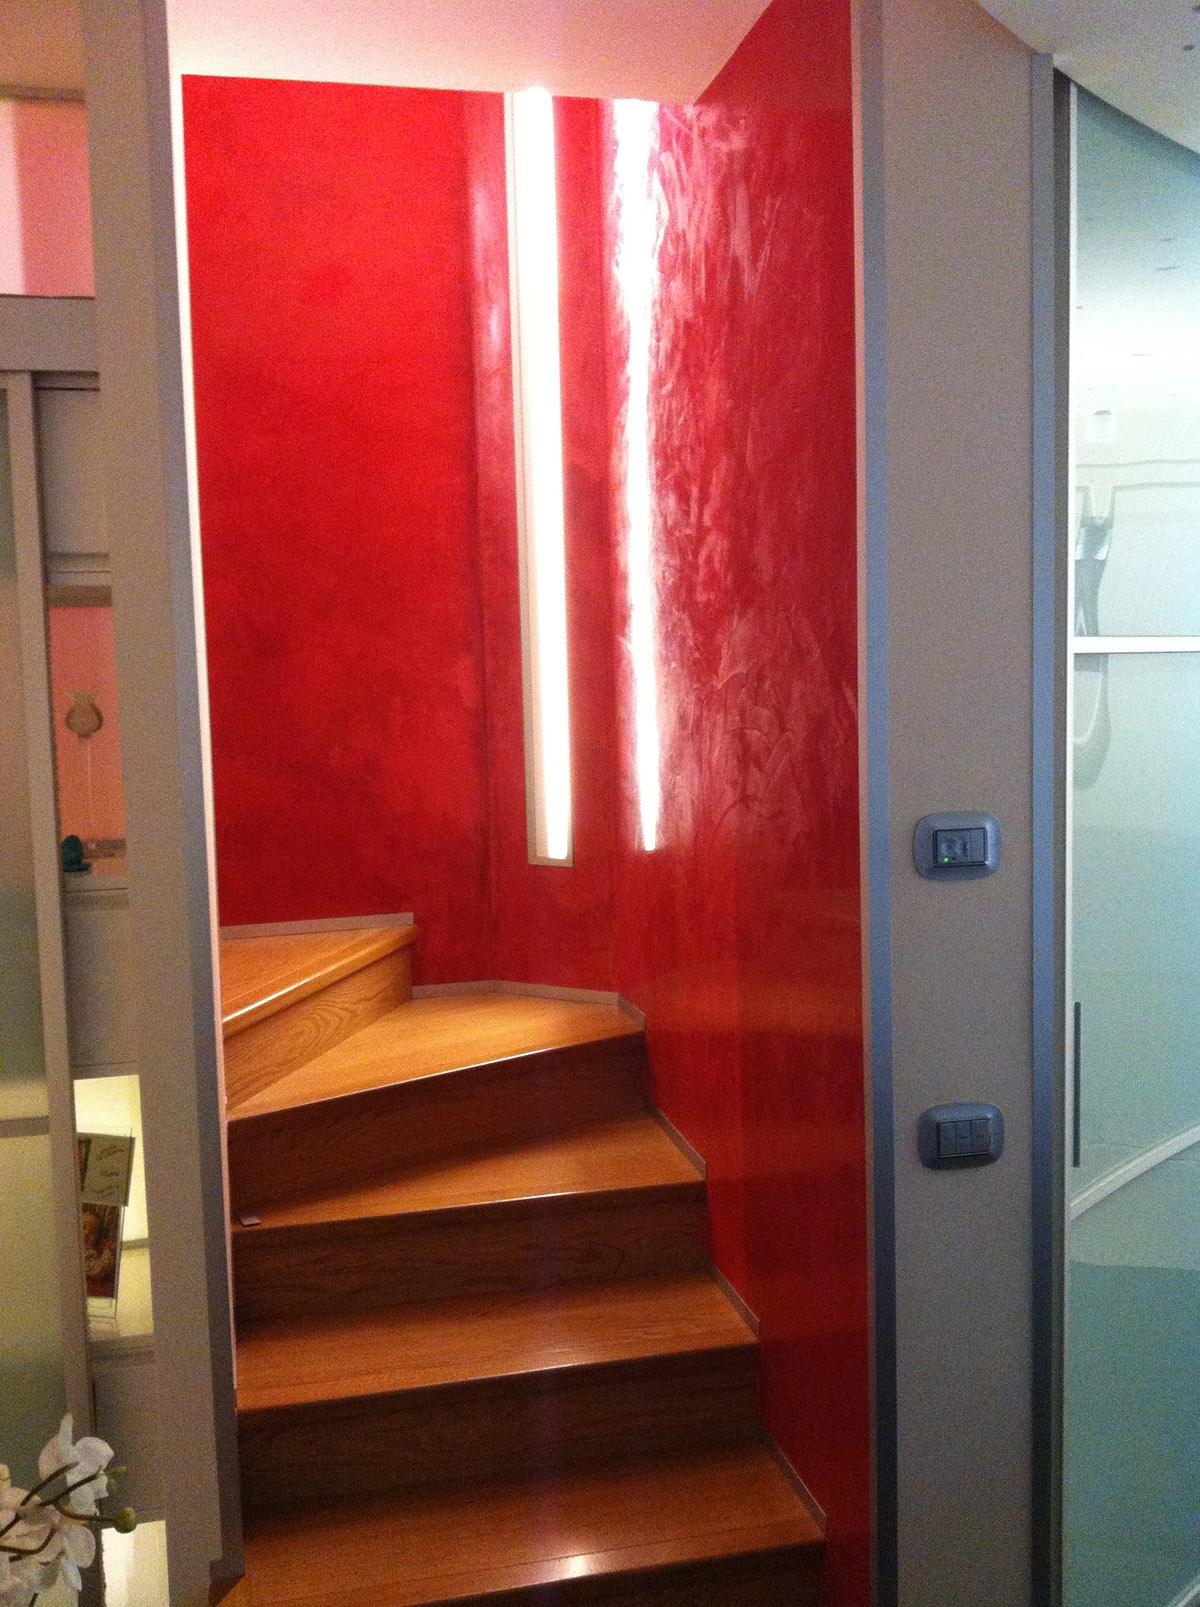 Tecniche di pareti interne best come tinteggiare casa con la tecnica del grassello arredamento - Tinteggiare casa tecniche ...